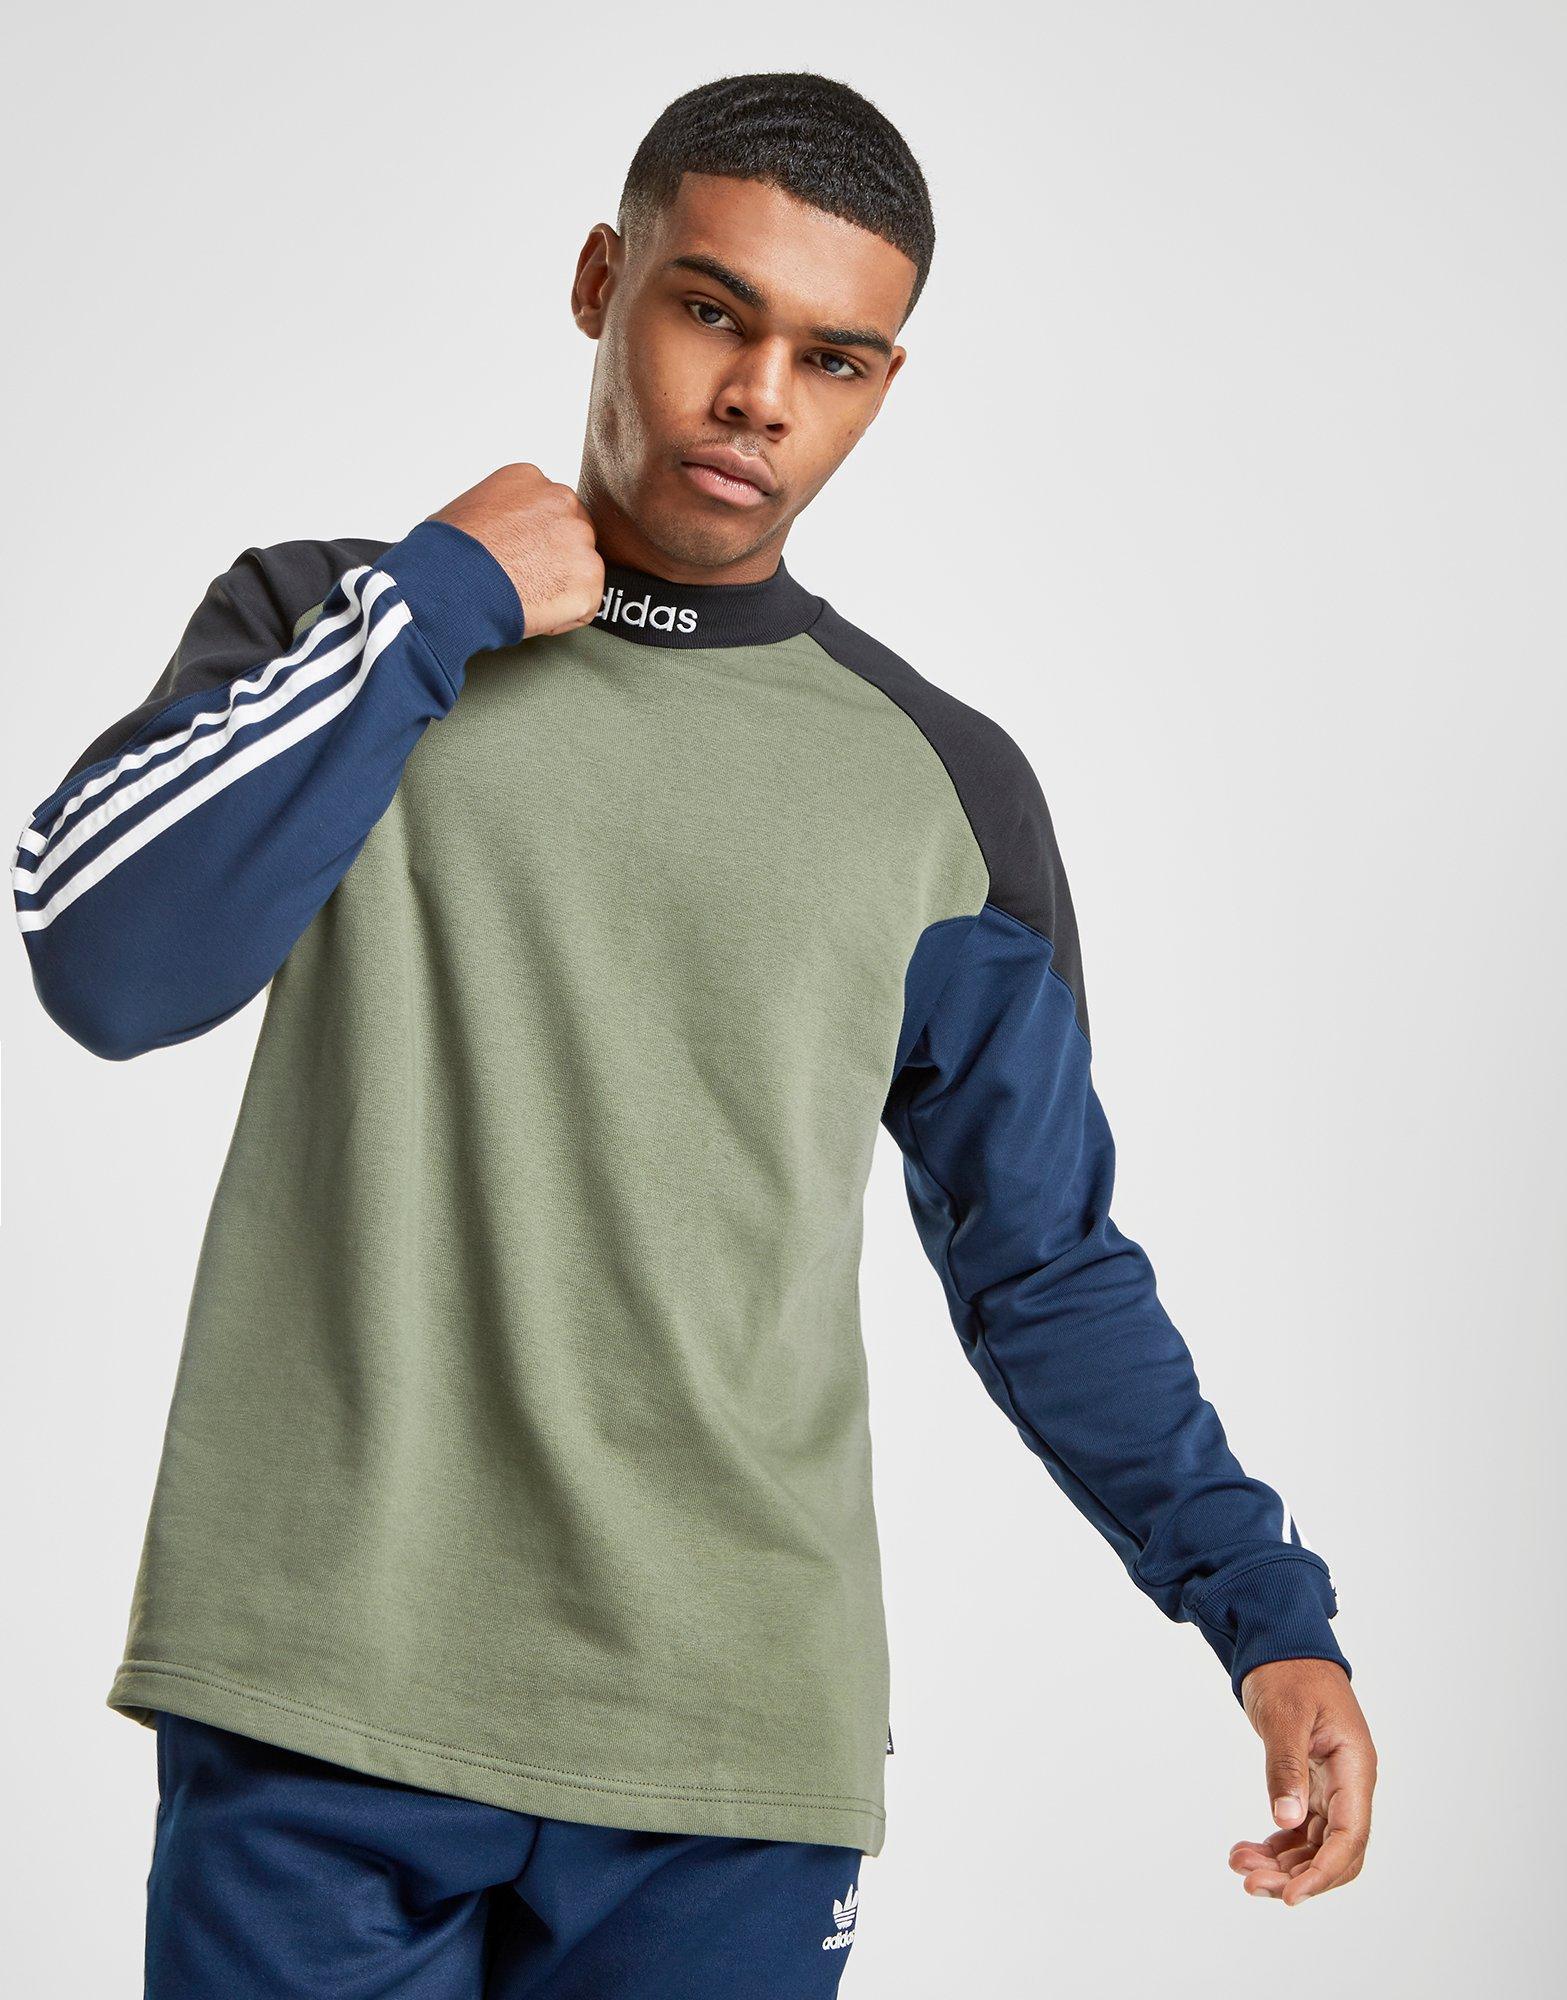 a6e48246c9d Lyst - adidas Originals Skateboarding Goalie Shirt in Green for Men